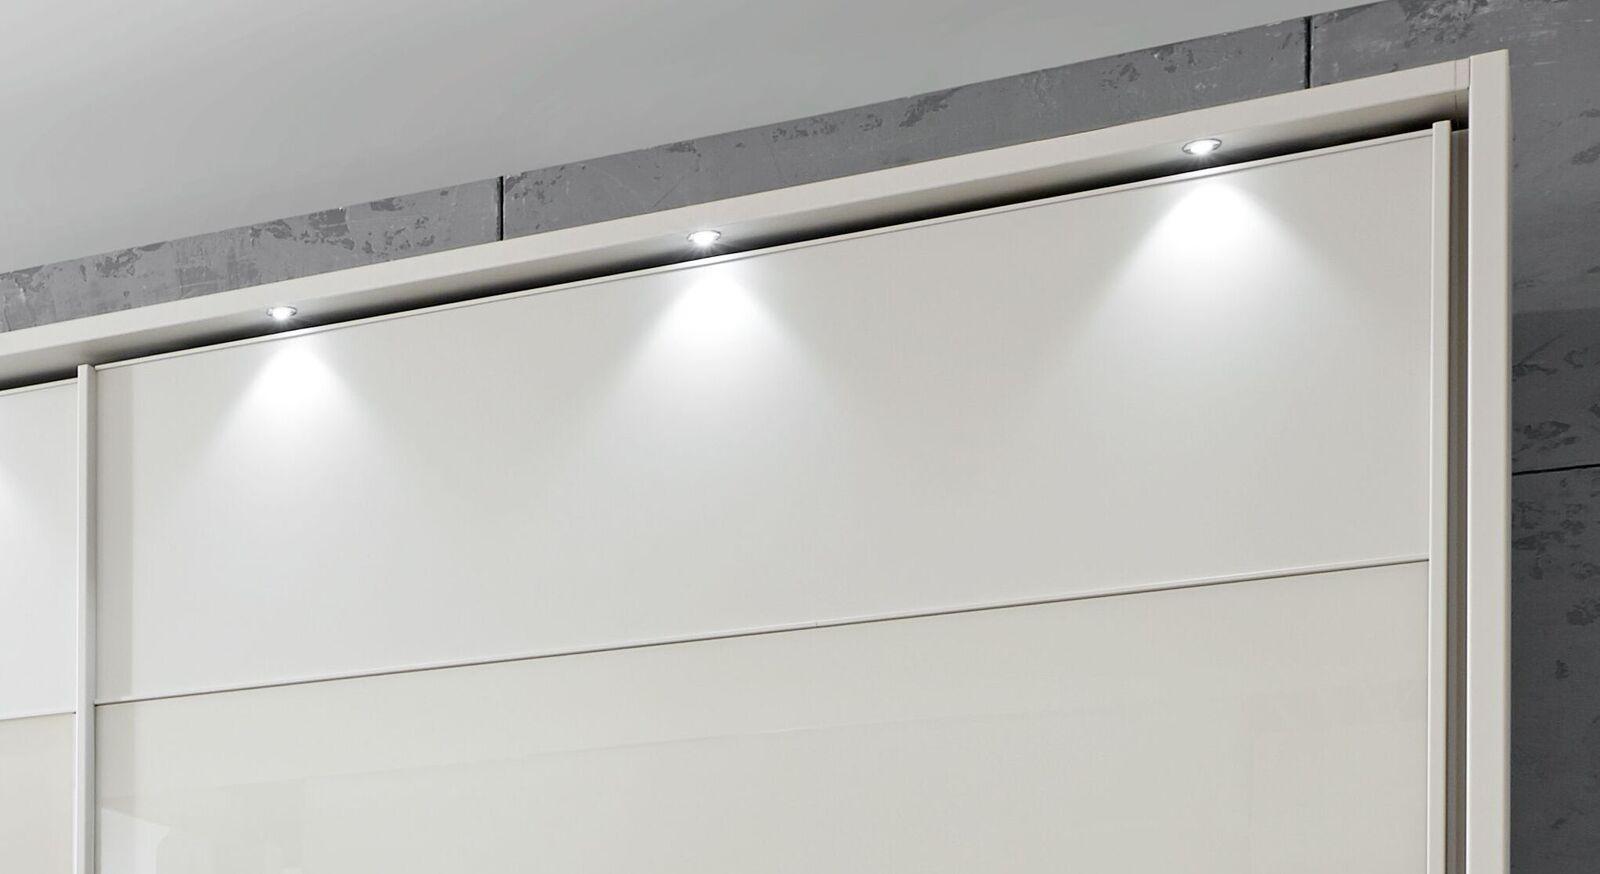 Schwebetüren-Kleiderschrank Birancas optionale Beleuchtung